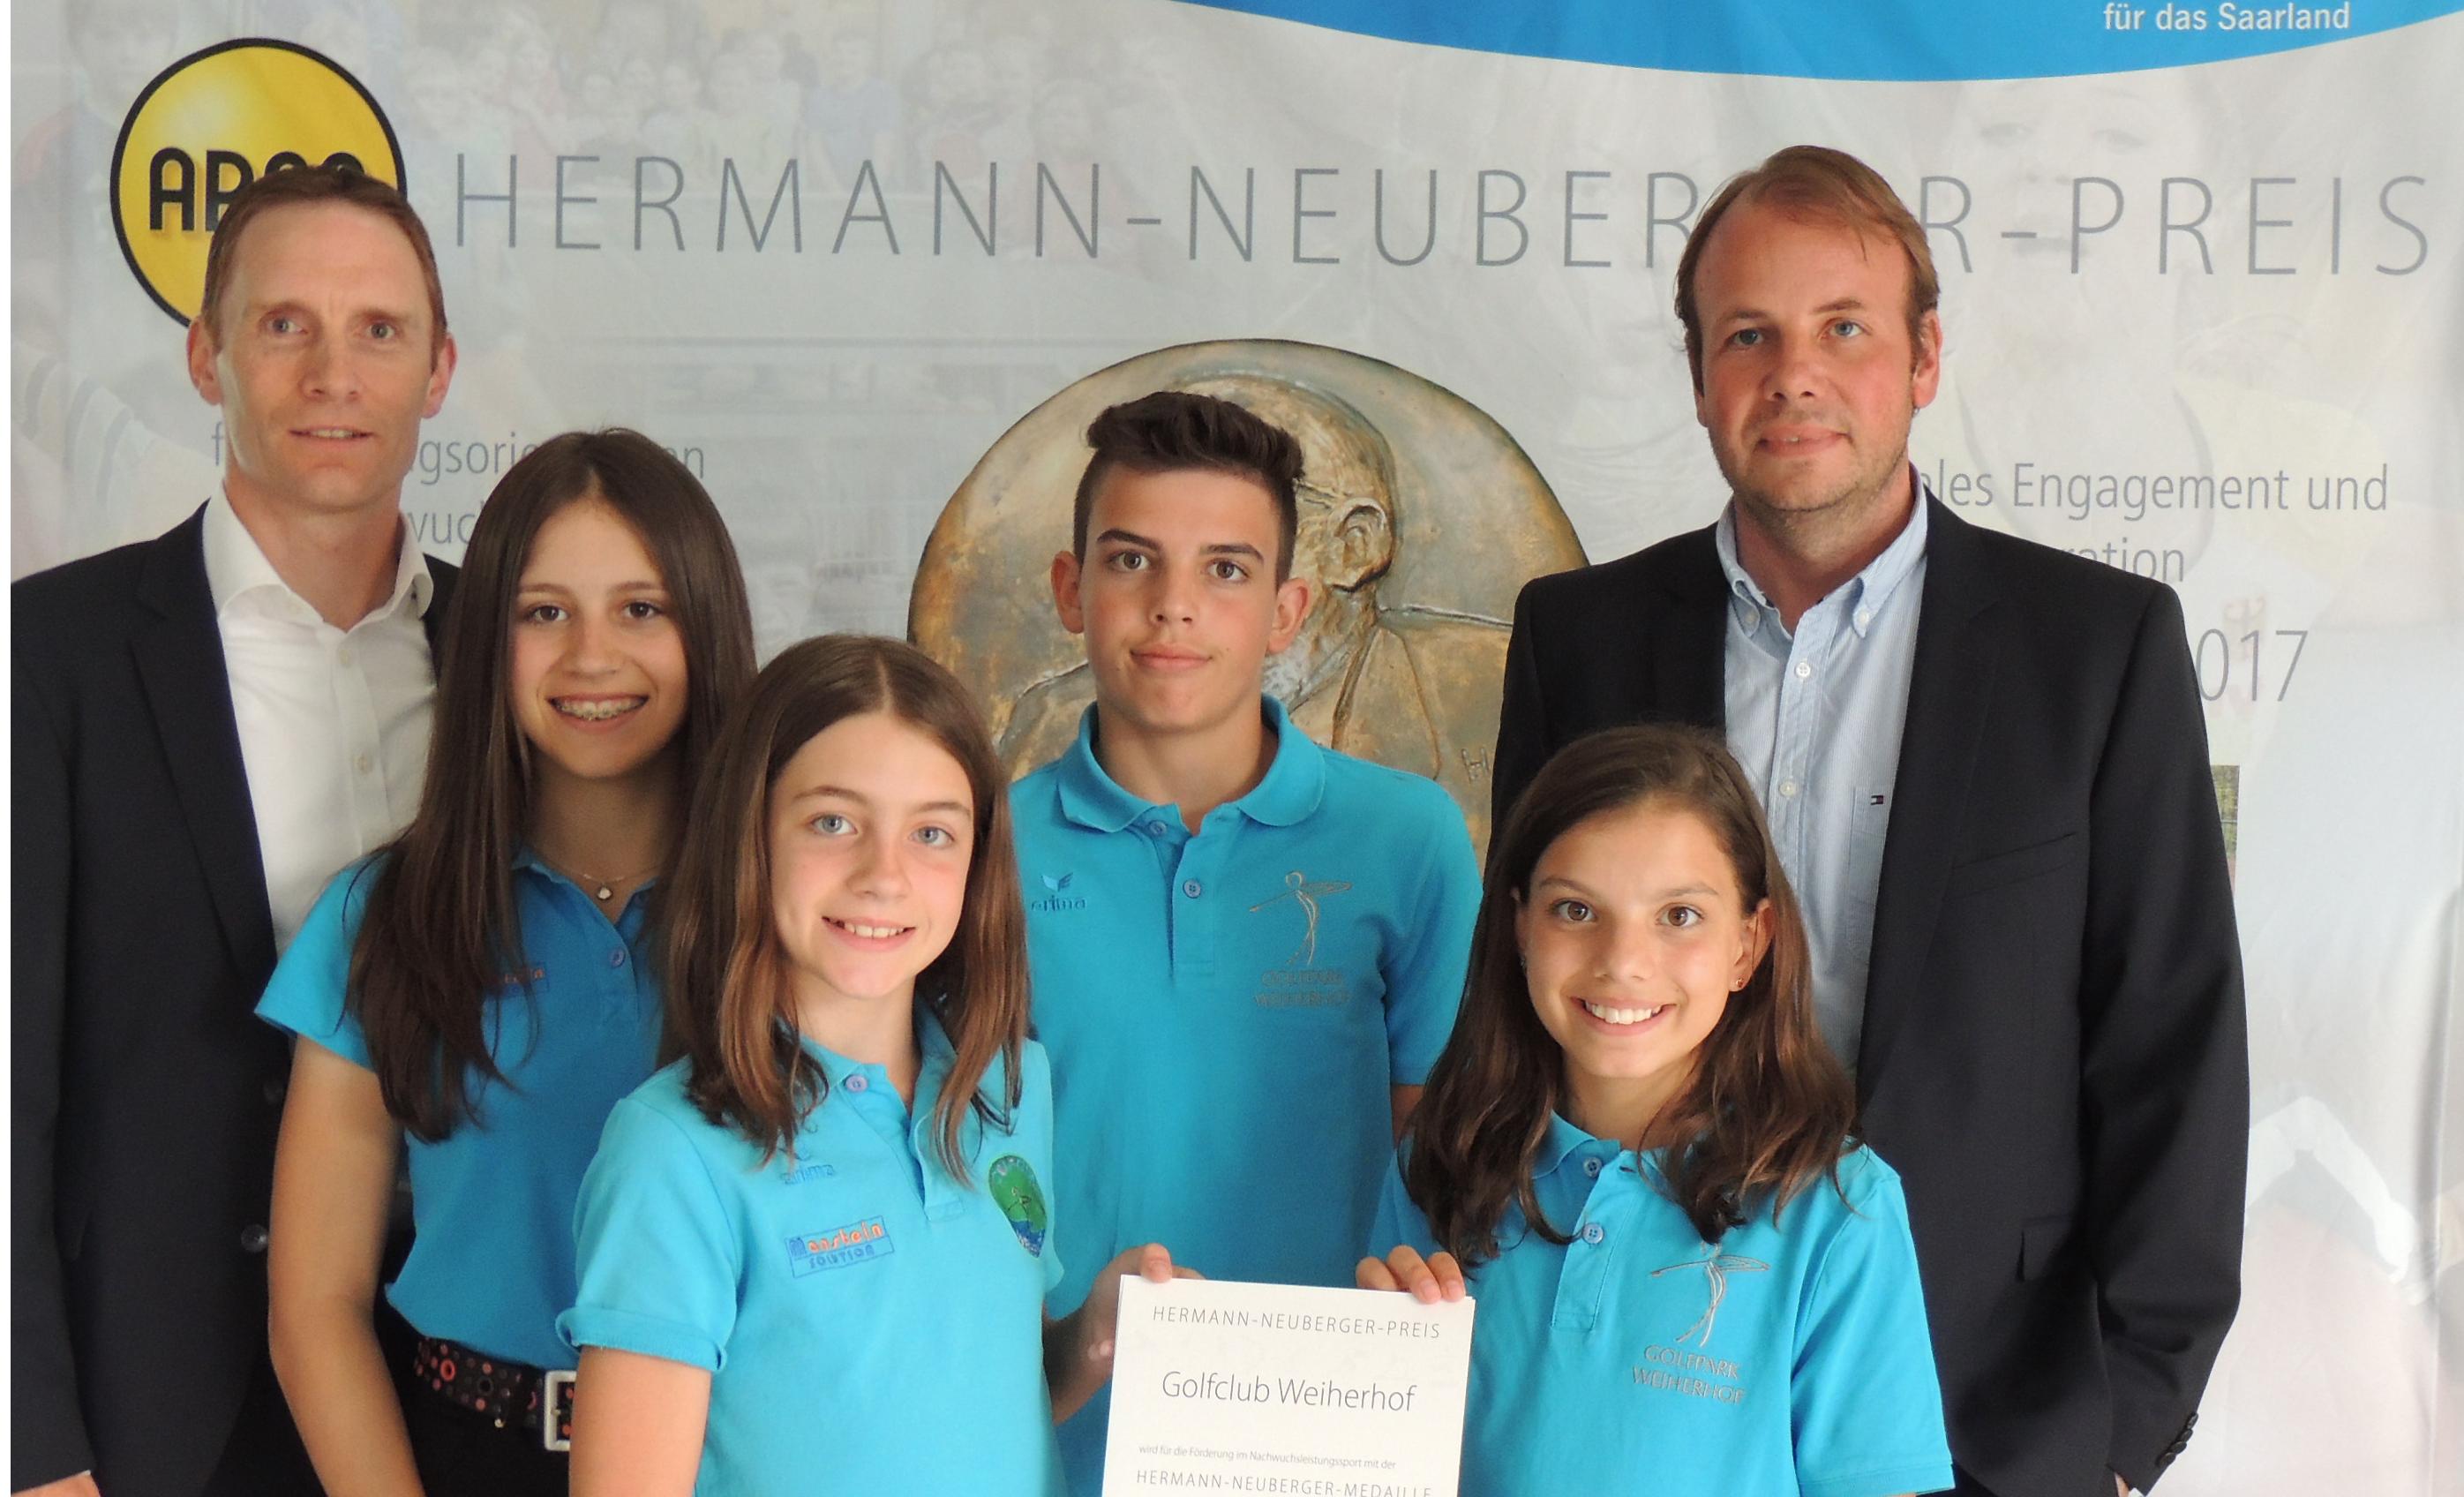 Hermann-Neuberger-Preis 2017 verliehen